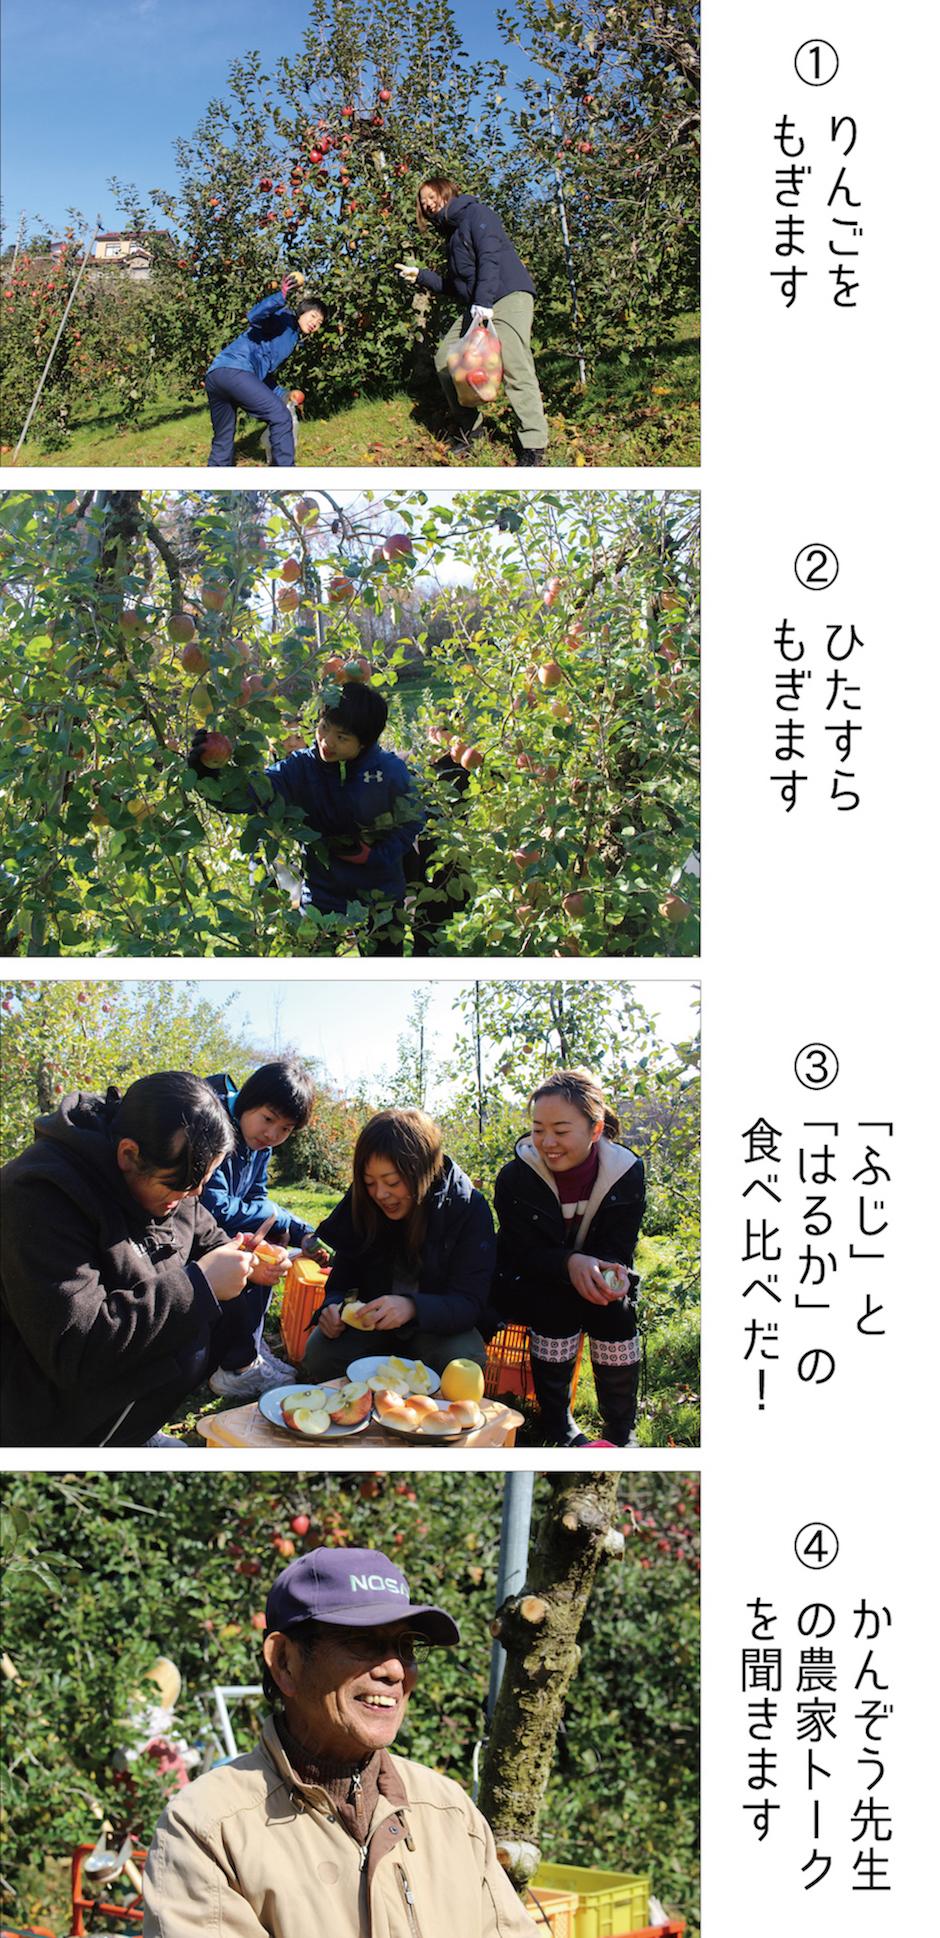 戸羽貫ゼミ_レポート_02